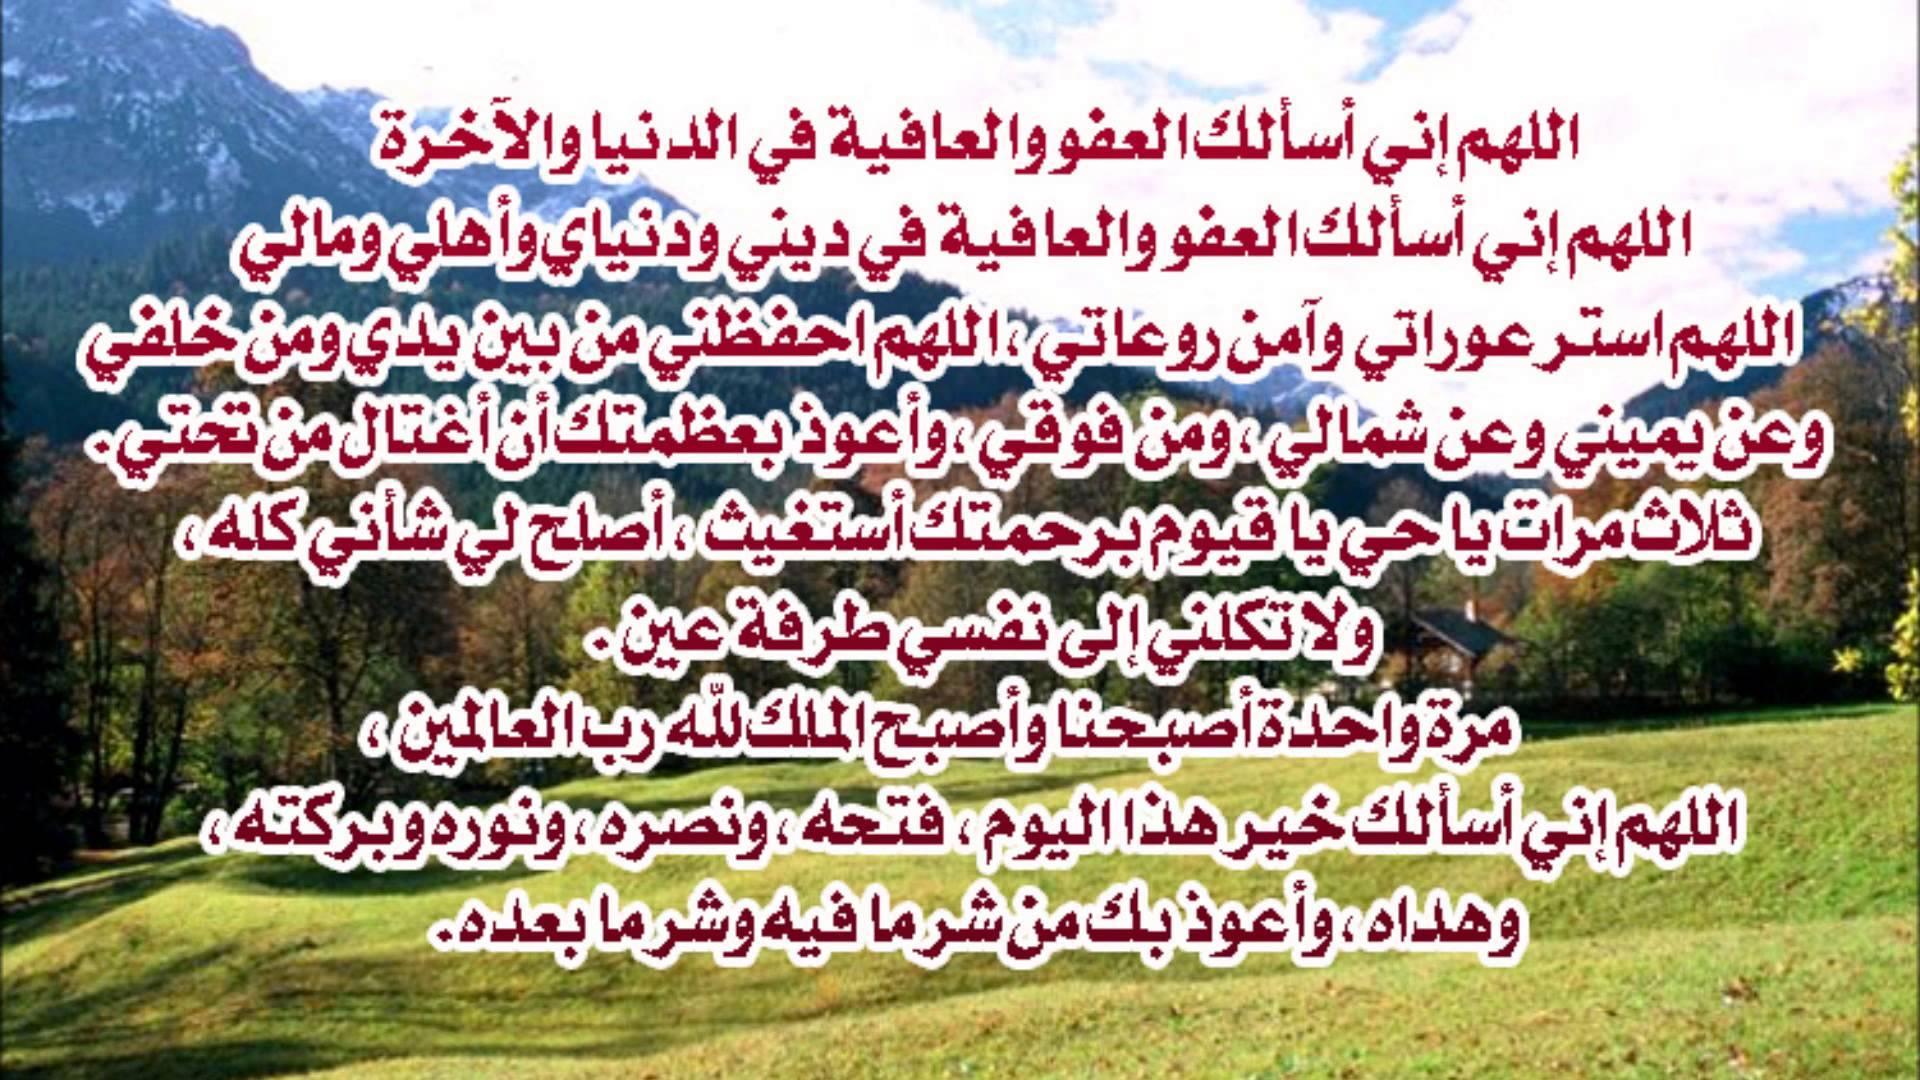 بالصور صور ادعية الصباح , اجمل الكلمات والتقرب وادعيه للخالق 3451 10